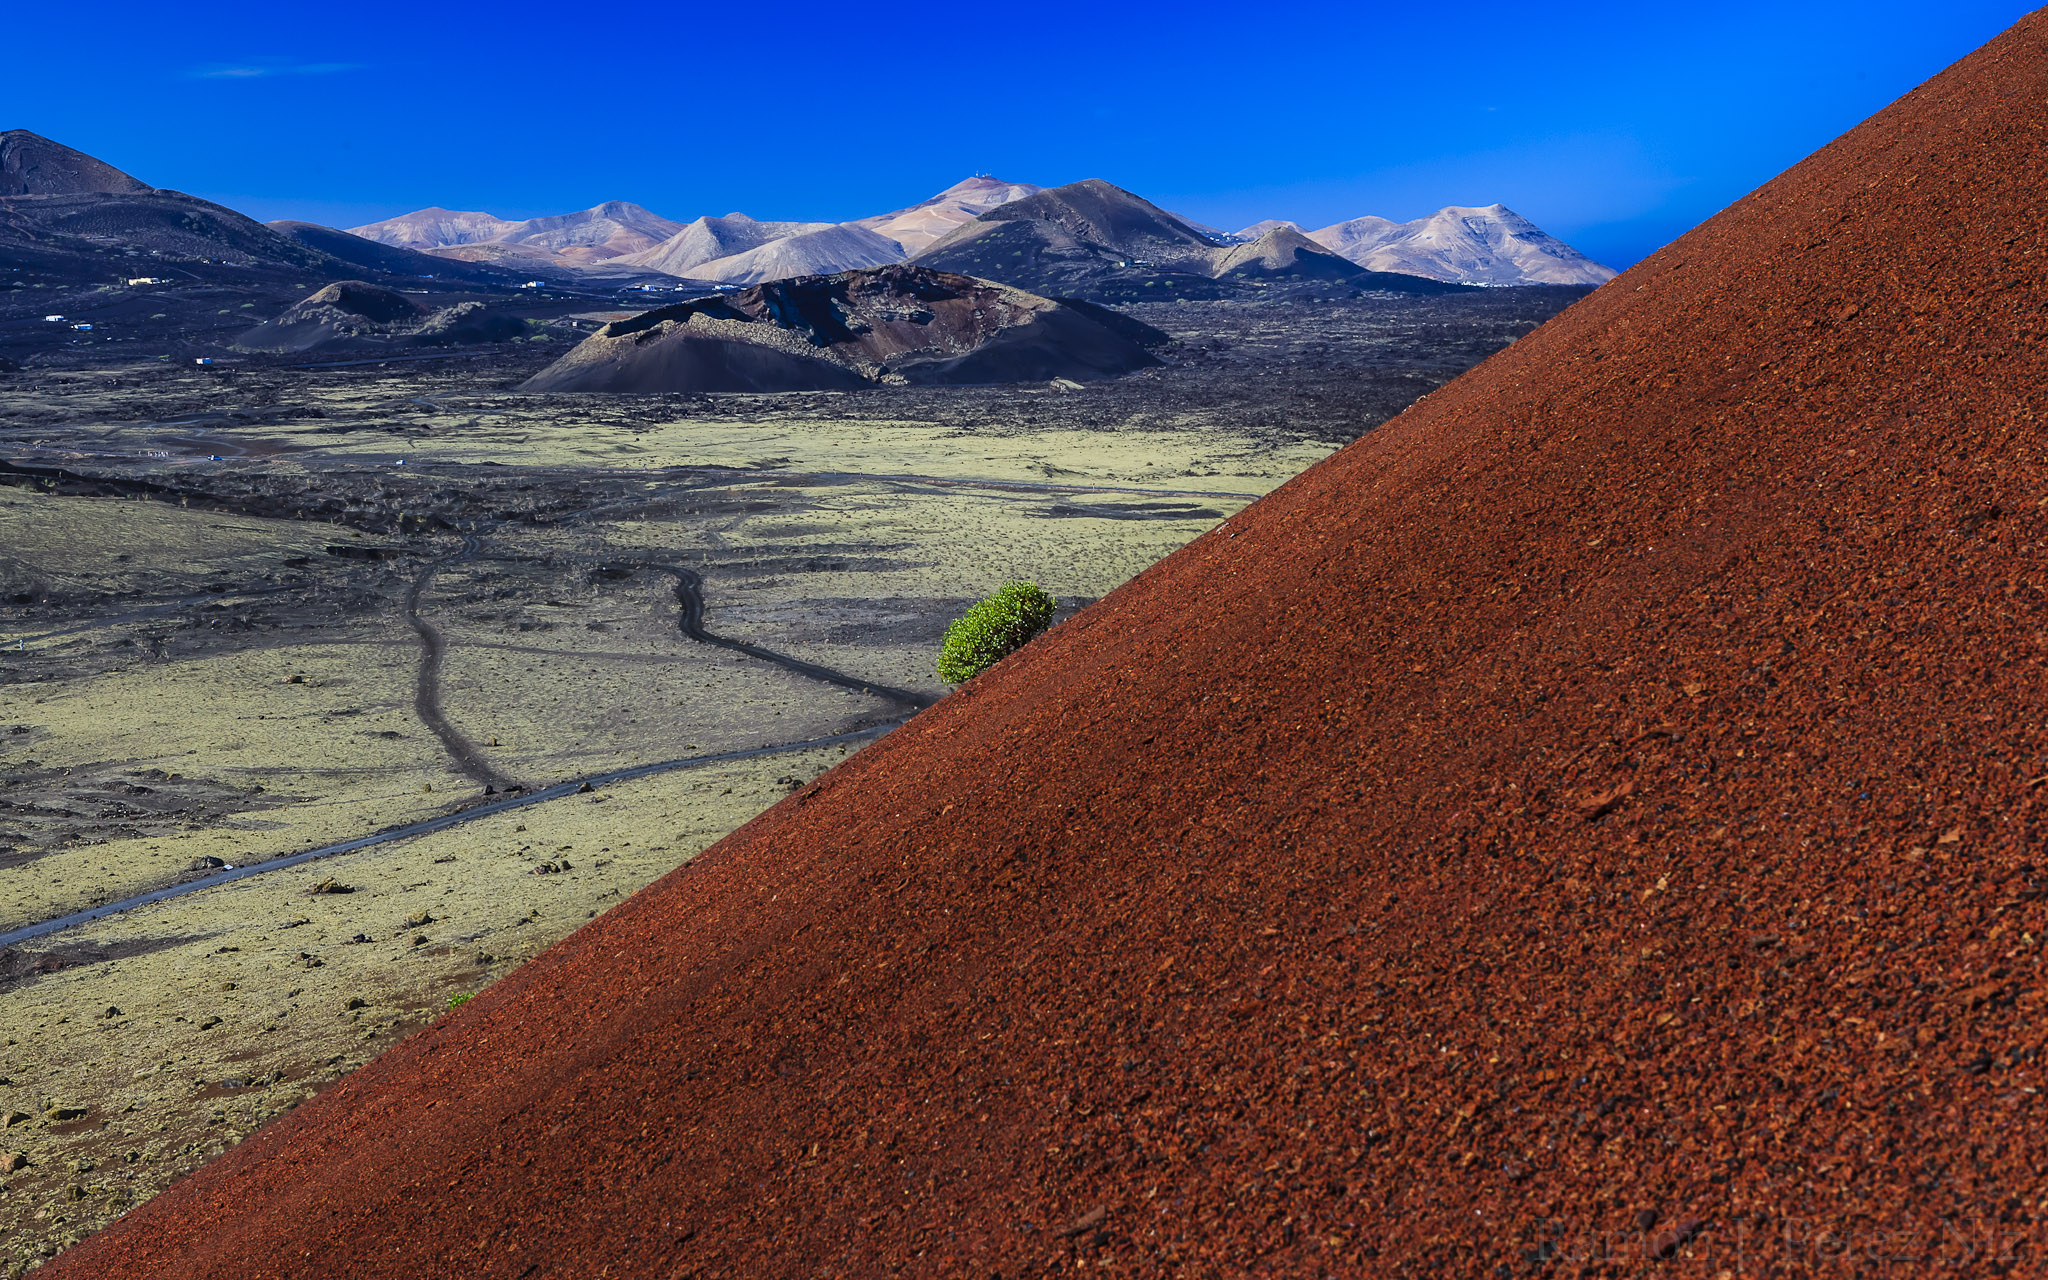 Una planta en Montaña Colorada, al fondo el volcán del Cuervo, La Geria y Los Ajaches.